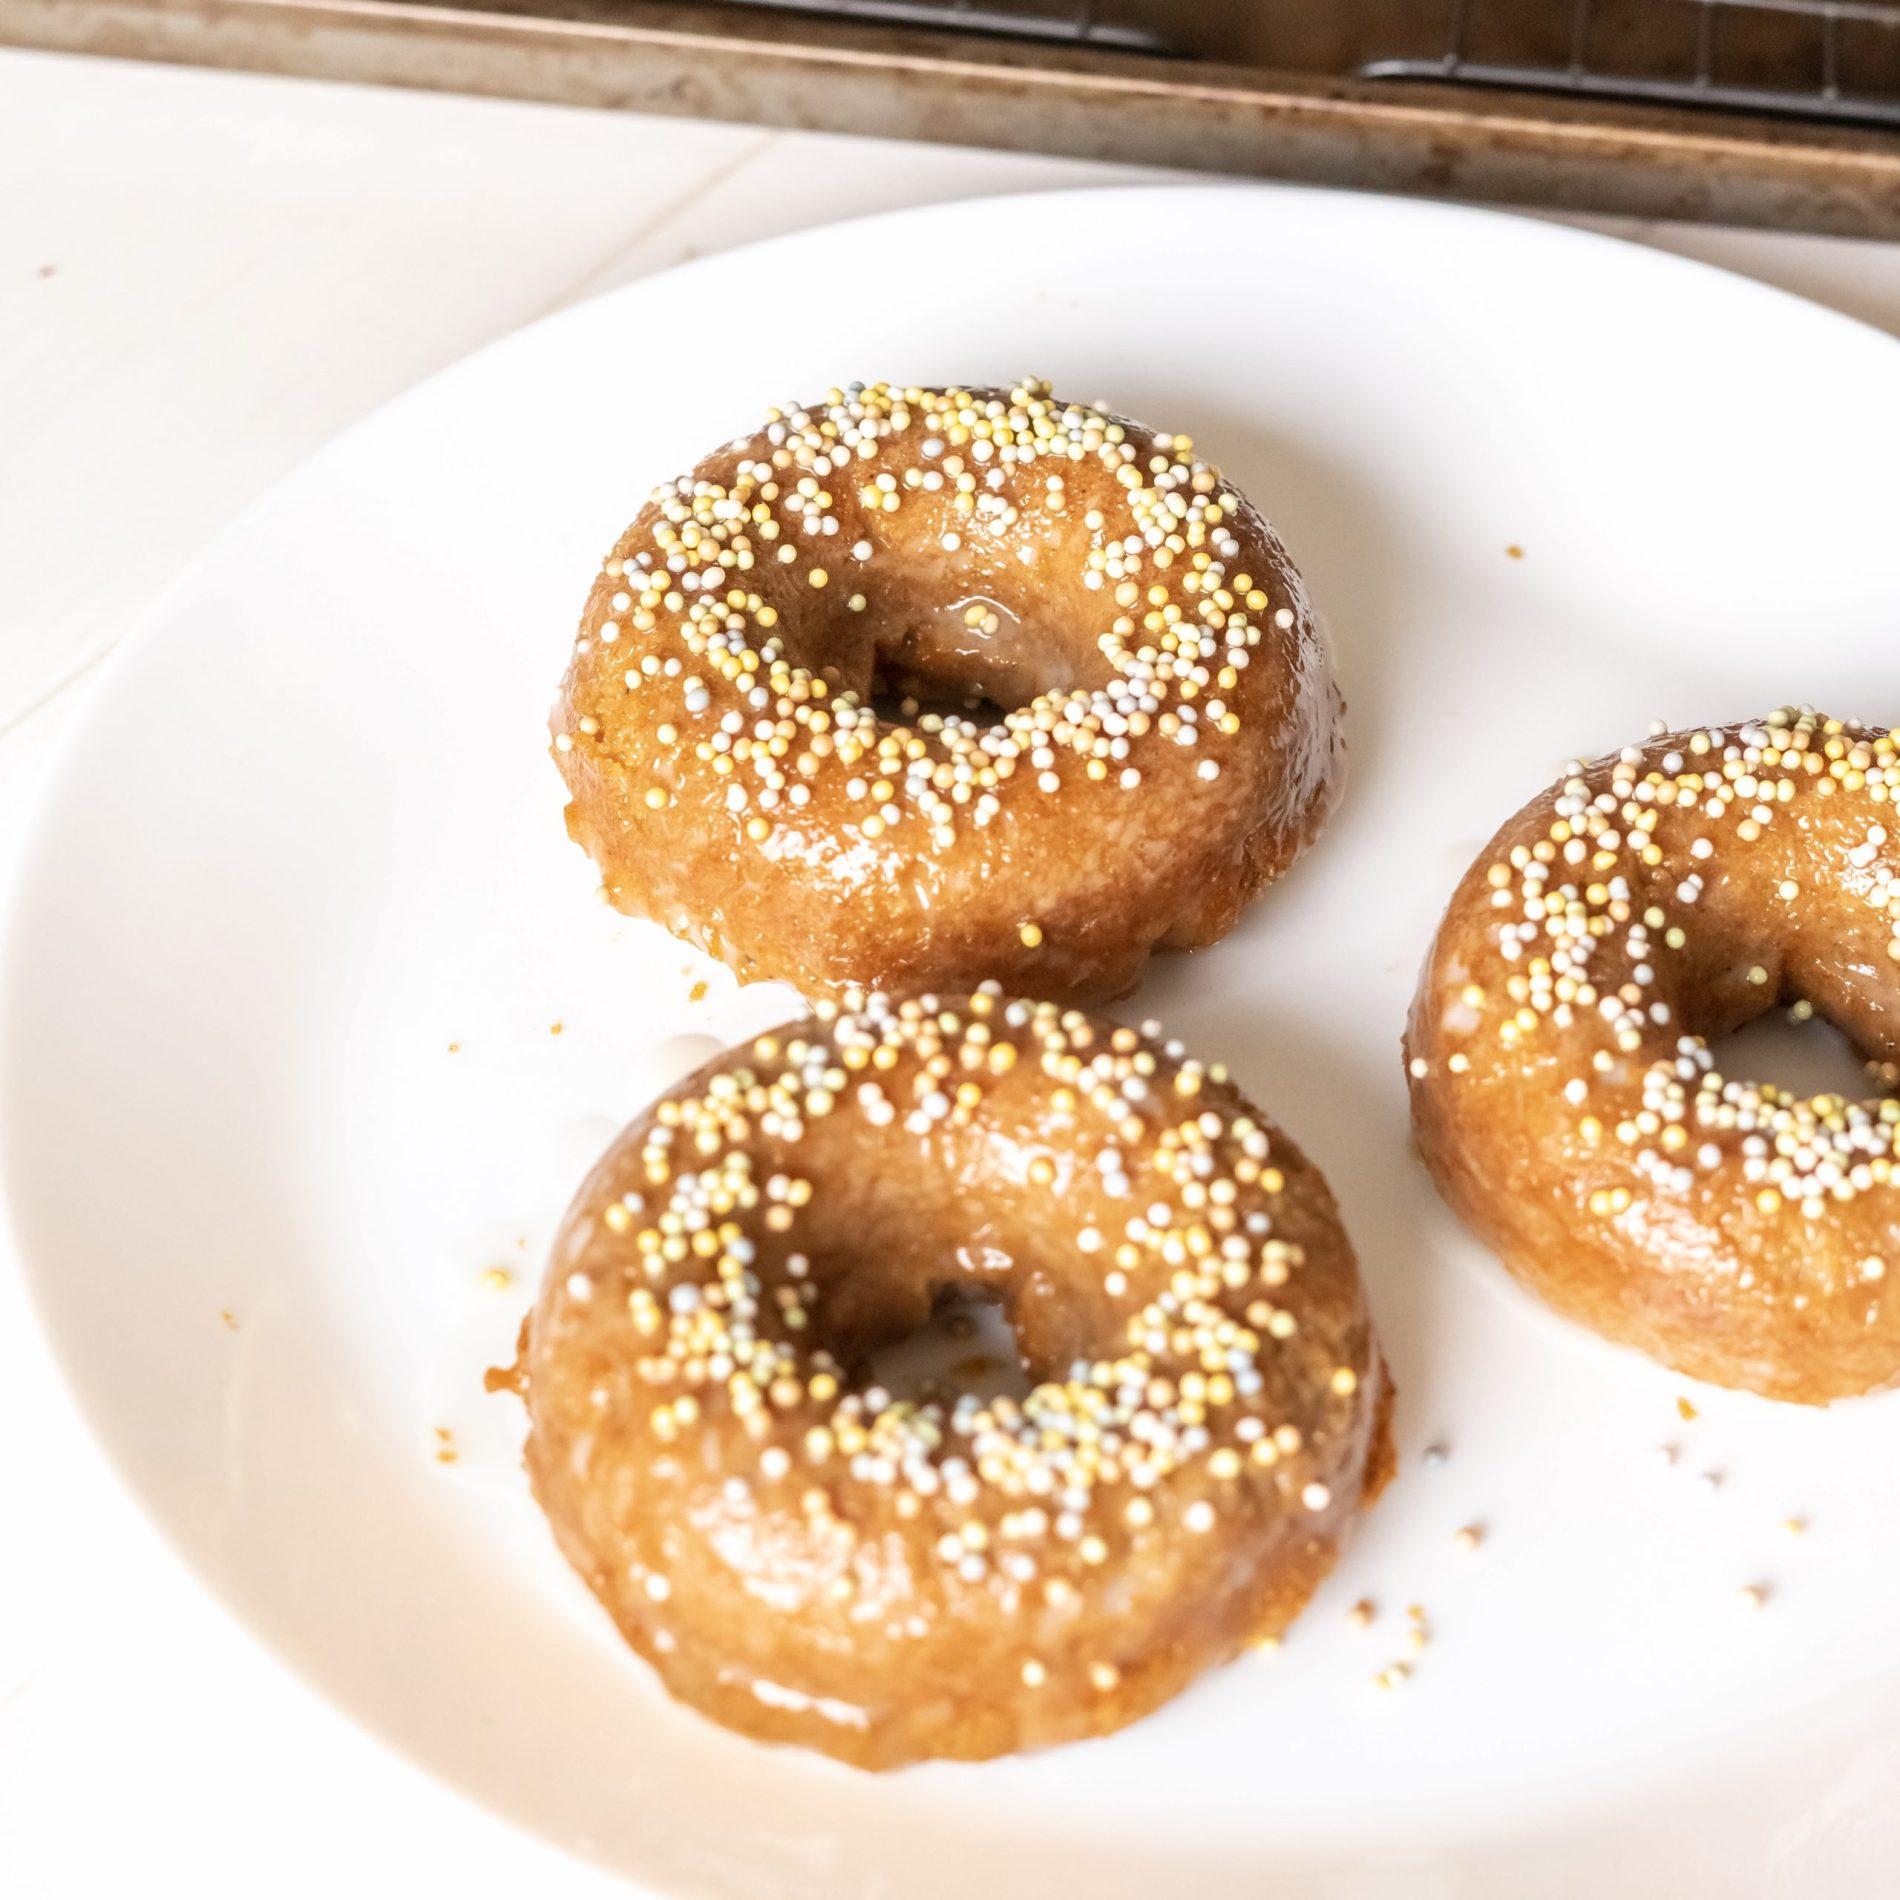 Gluten free pumpkin donut with sprinkles